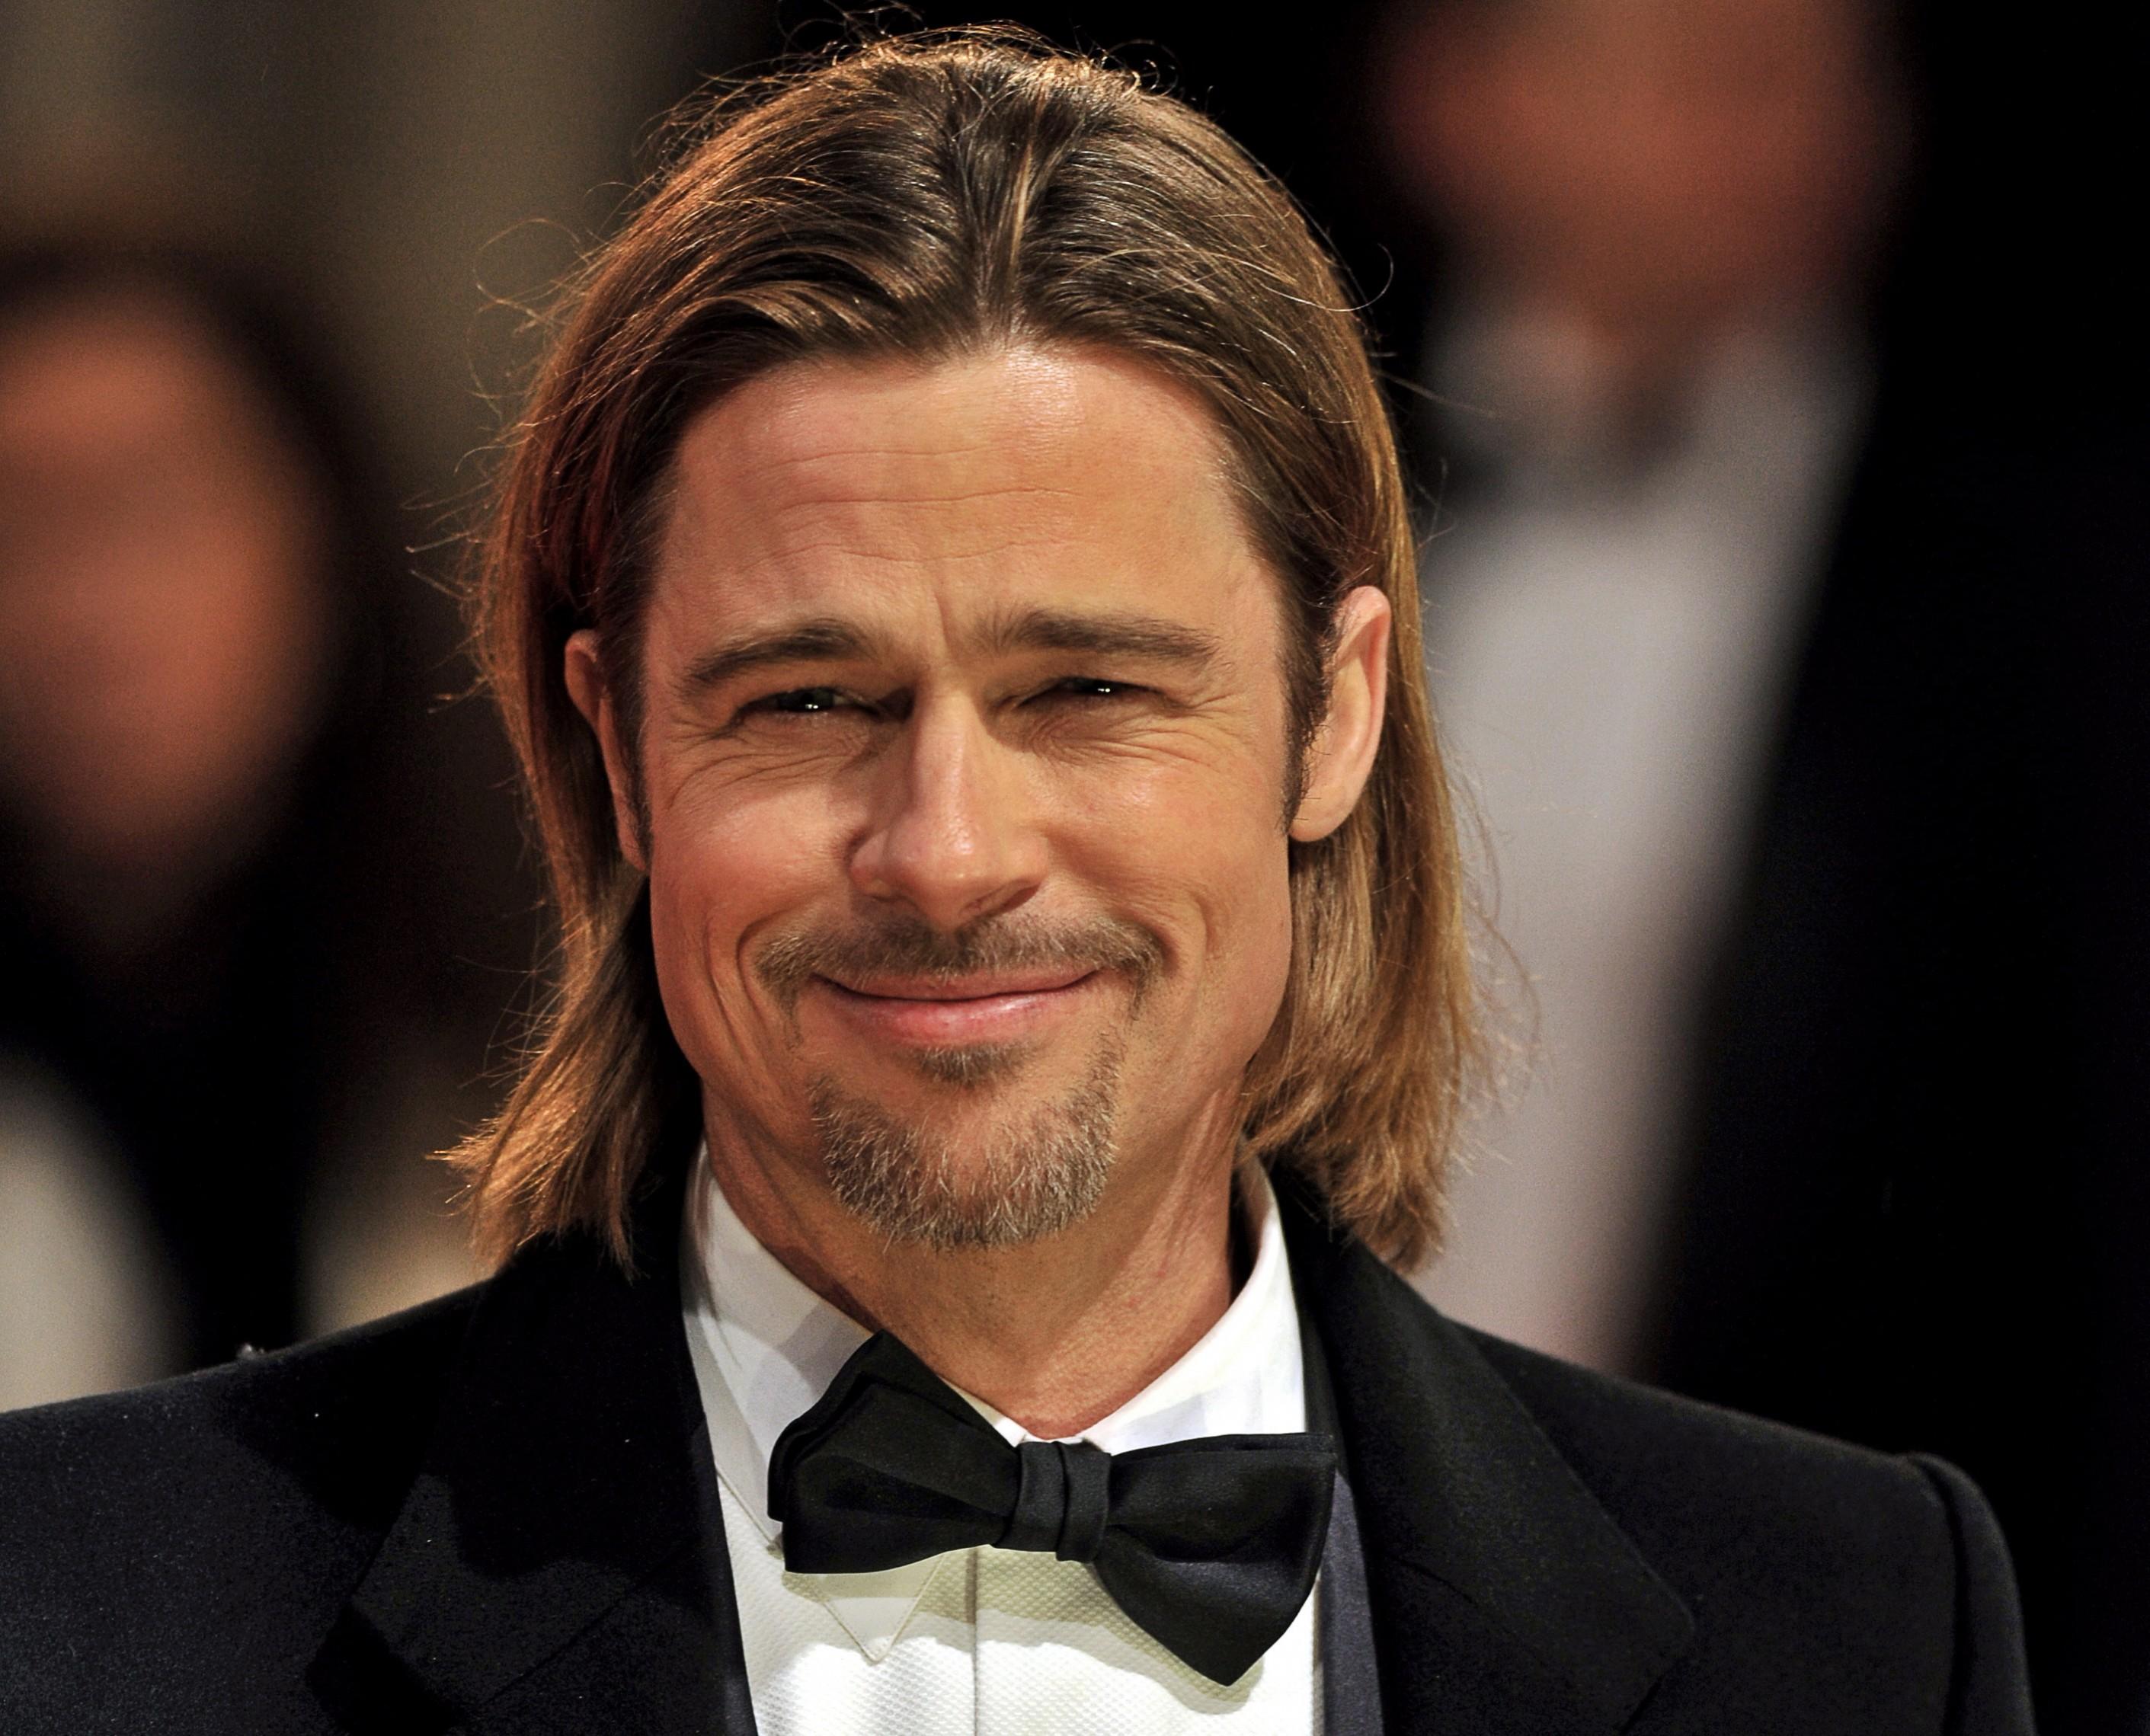 Самые знаменитые актеры голливуда мужчины и имена